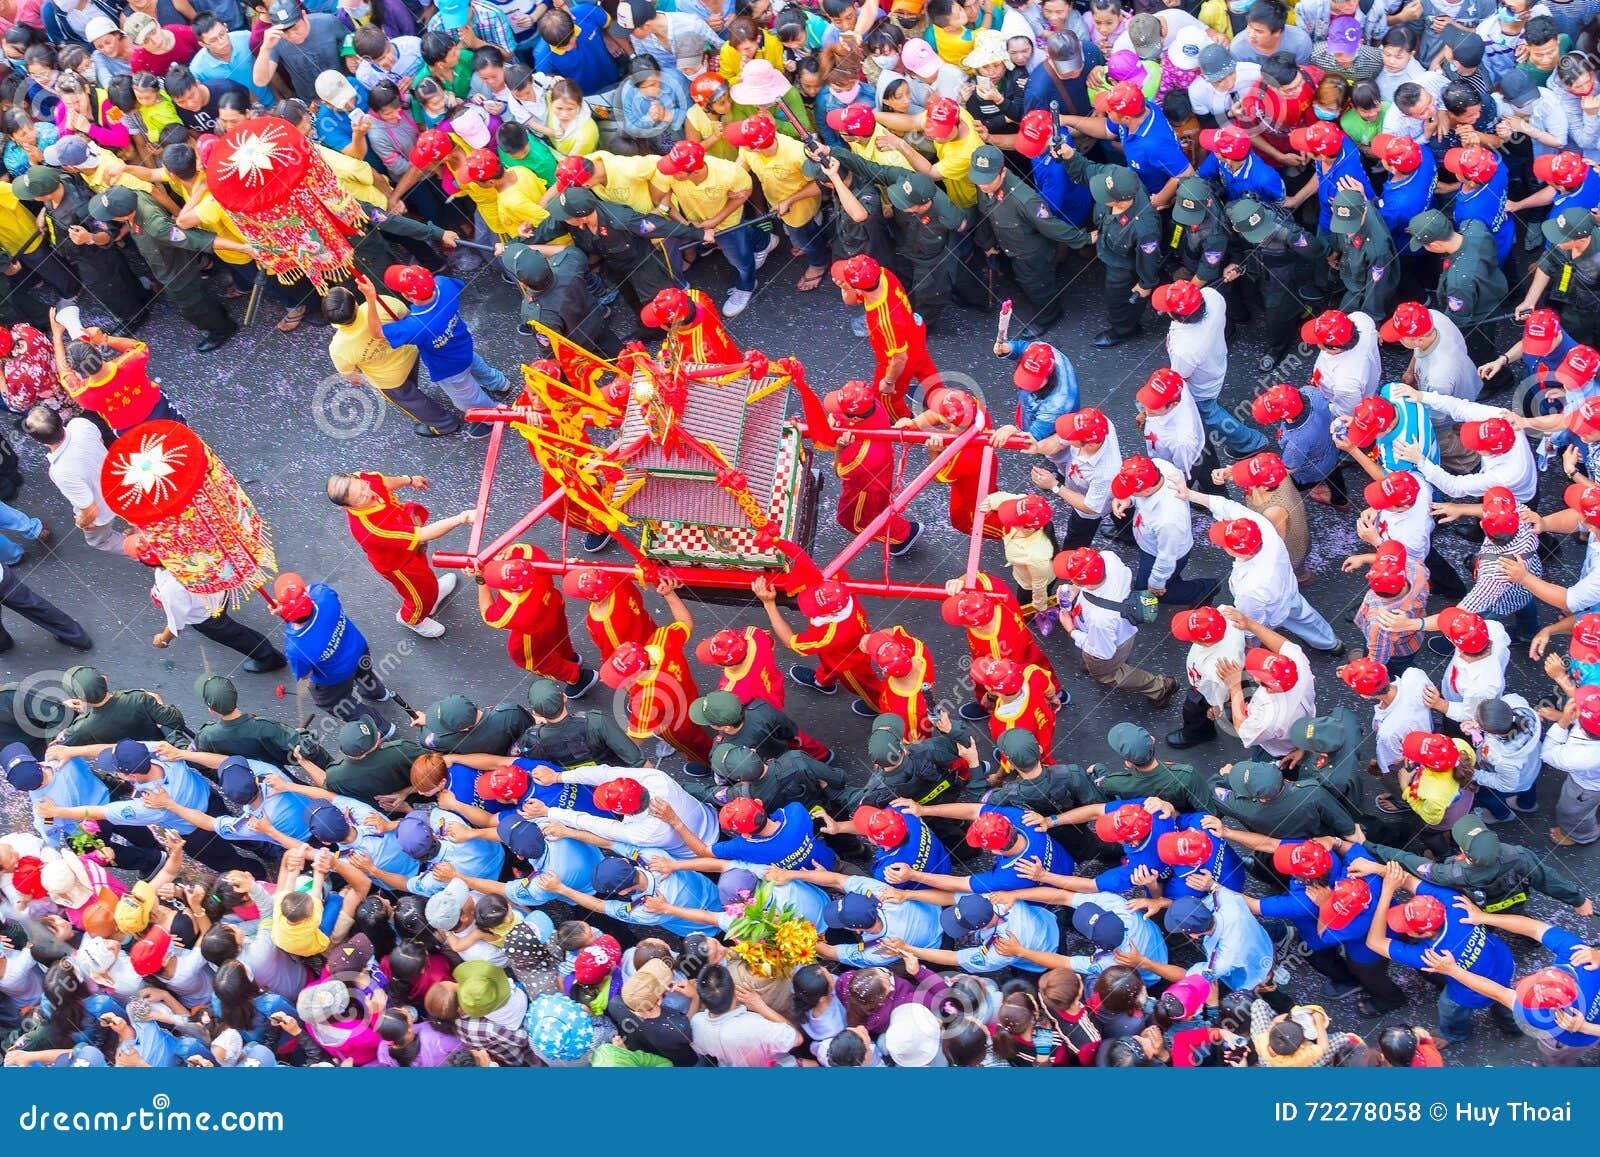 Download Шествие красного цвета фонарика богини фестиваля китайское Редакционное Стоковое Фото - изображение насчитывающей китайско, неосязаемо: 72278058